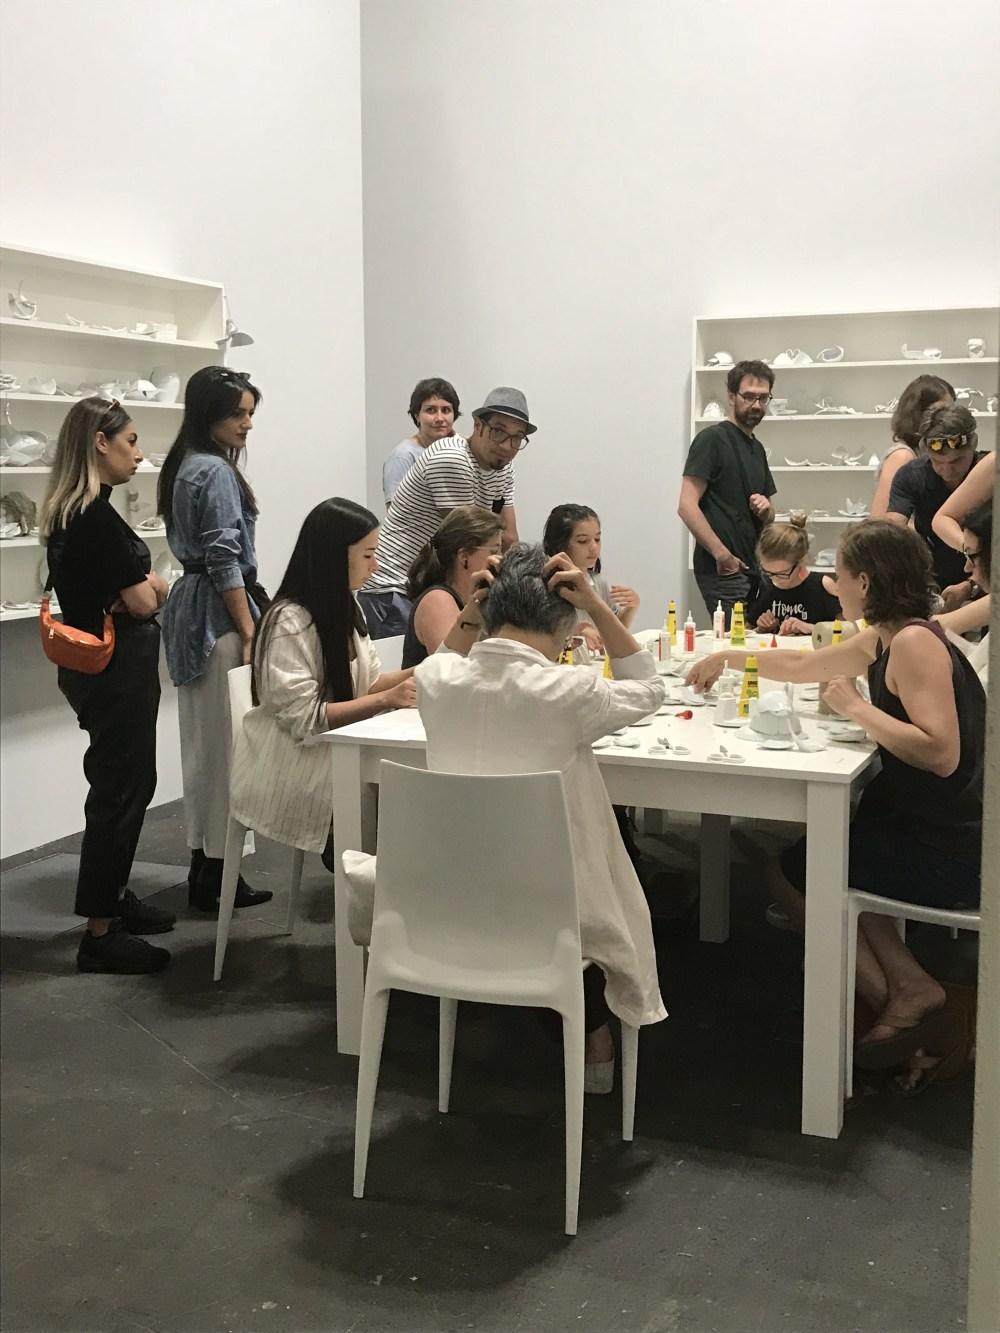 A edição 2018 trazia uma oficina de colagem de porcelanas proposta pela Yoko Ono